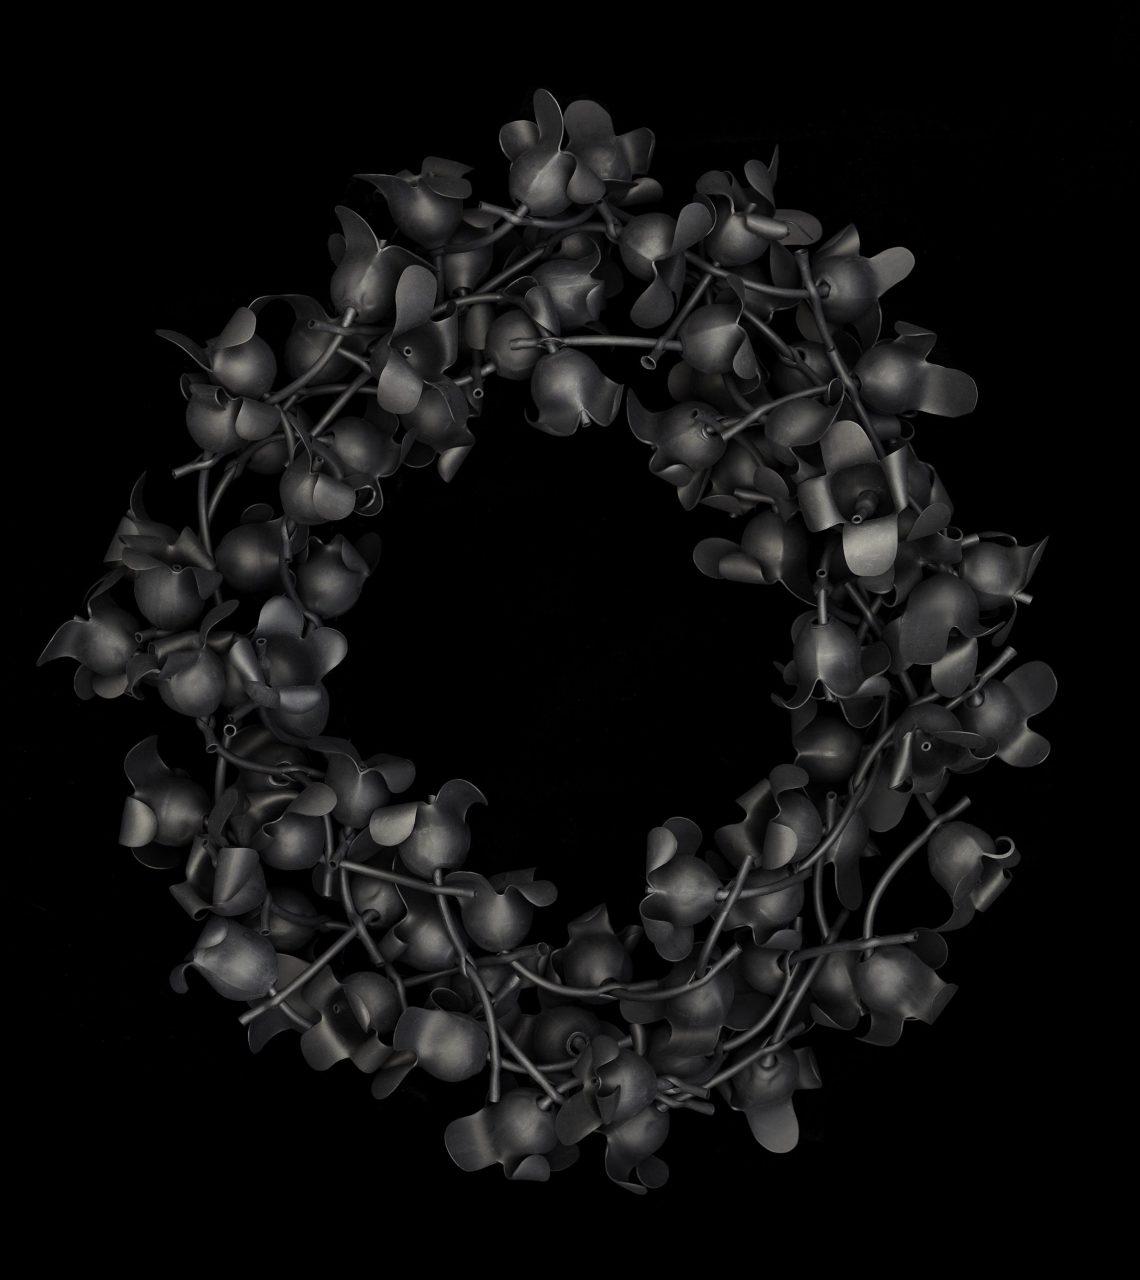 Susanne Klemm, Black, Sea Flower, halssieraad, 2010. Foto met dank aan Susanne Klemm©